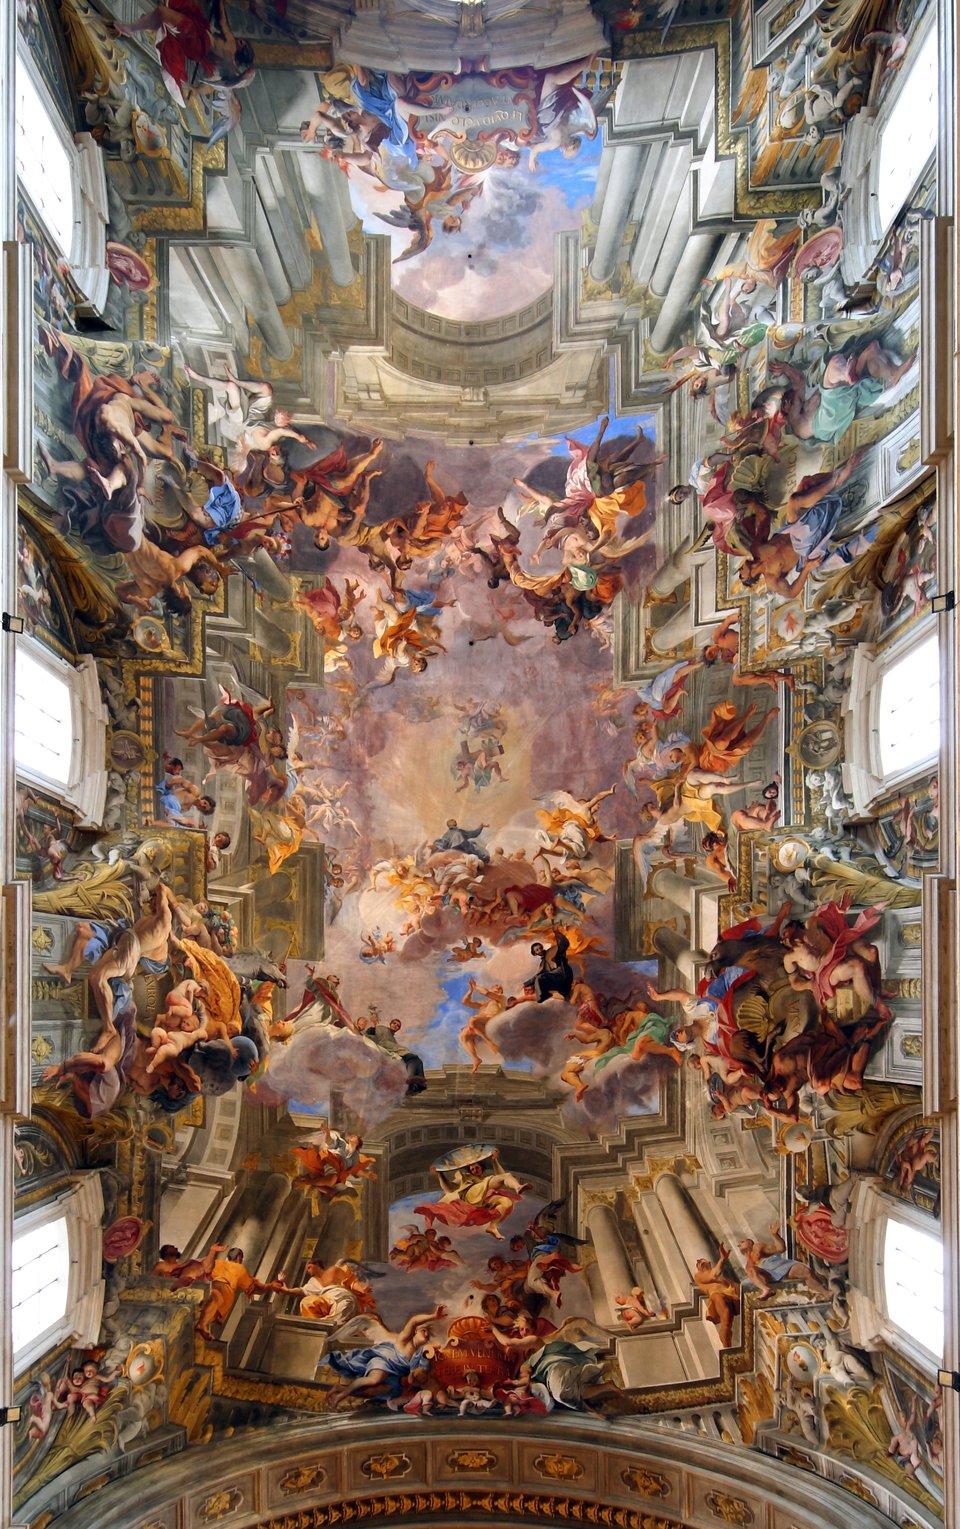 """Malarstwo iluzjonistyczne Andrea del Pozzo przedstawiające""""Apoteozęśw. Ignacego"""", znajduje się wkościele Il Gesu wRzymie. Malarstwo iluzjonistyczne Andrea del Pozzo przedstawiające""""Apoteozęśw. Ignacego"""", znajduje się wkościele Il Gesu wRzymie. Źródło: Bruce McAdam, Wikimedia Commons, licencja: CC BY-SA 2.0."""